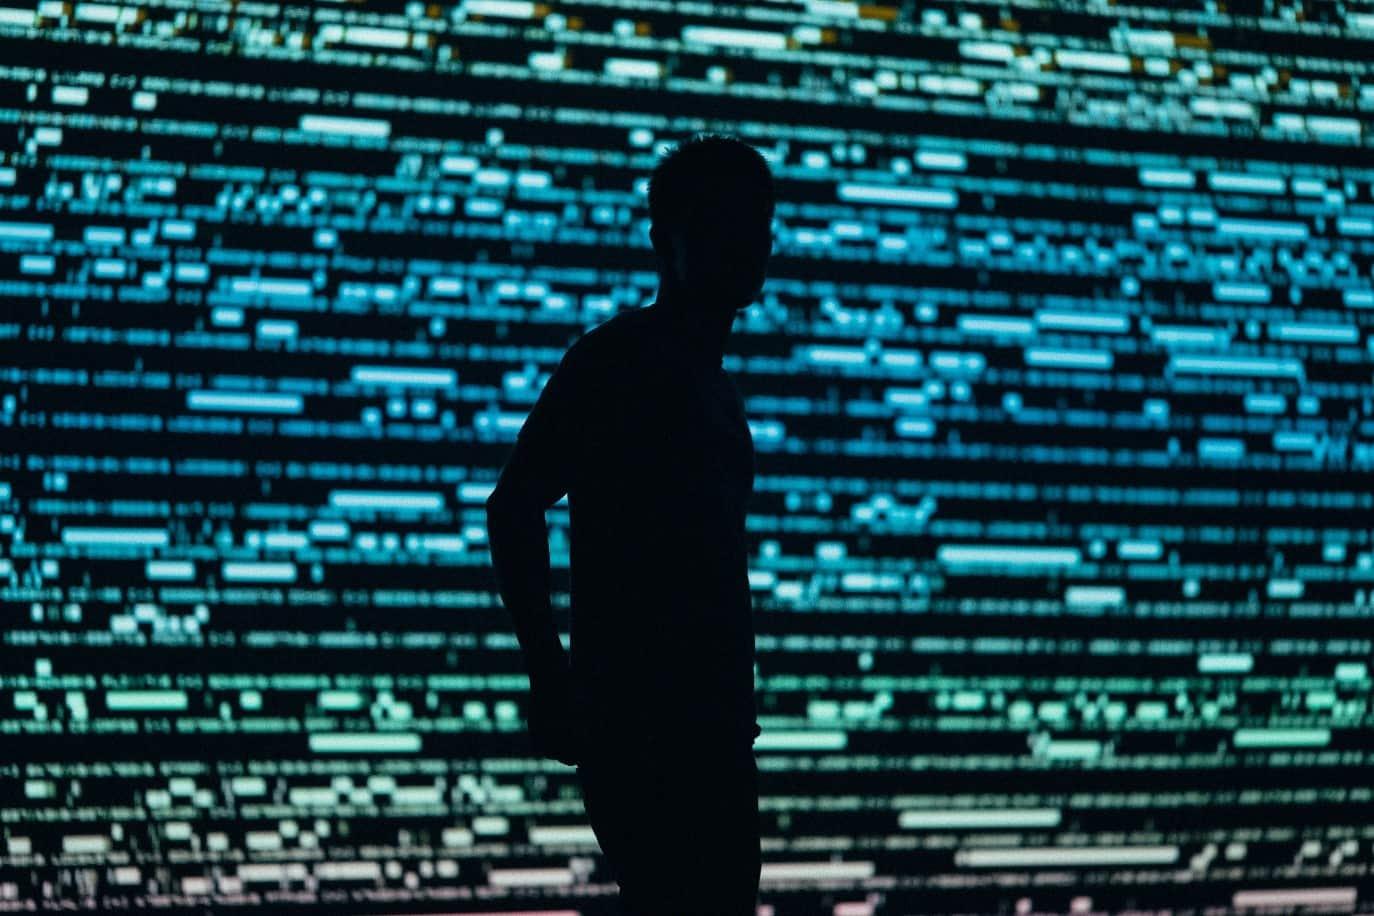 Darknet-Gefahren und -Bedrohungen